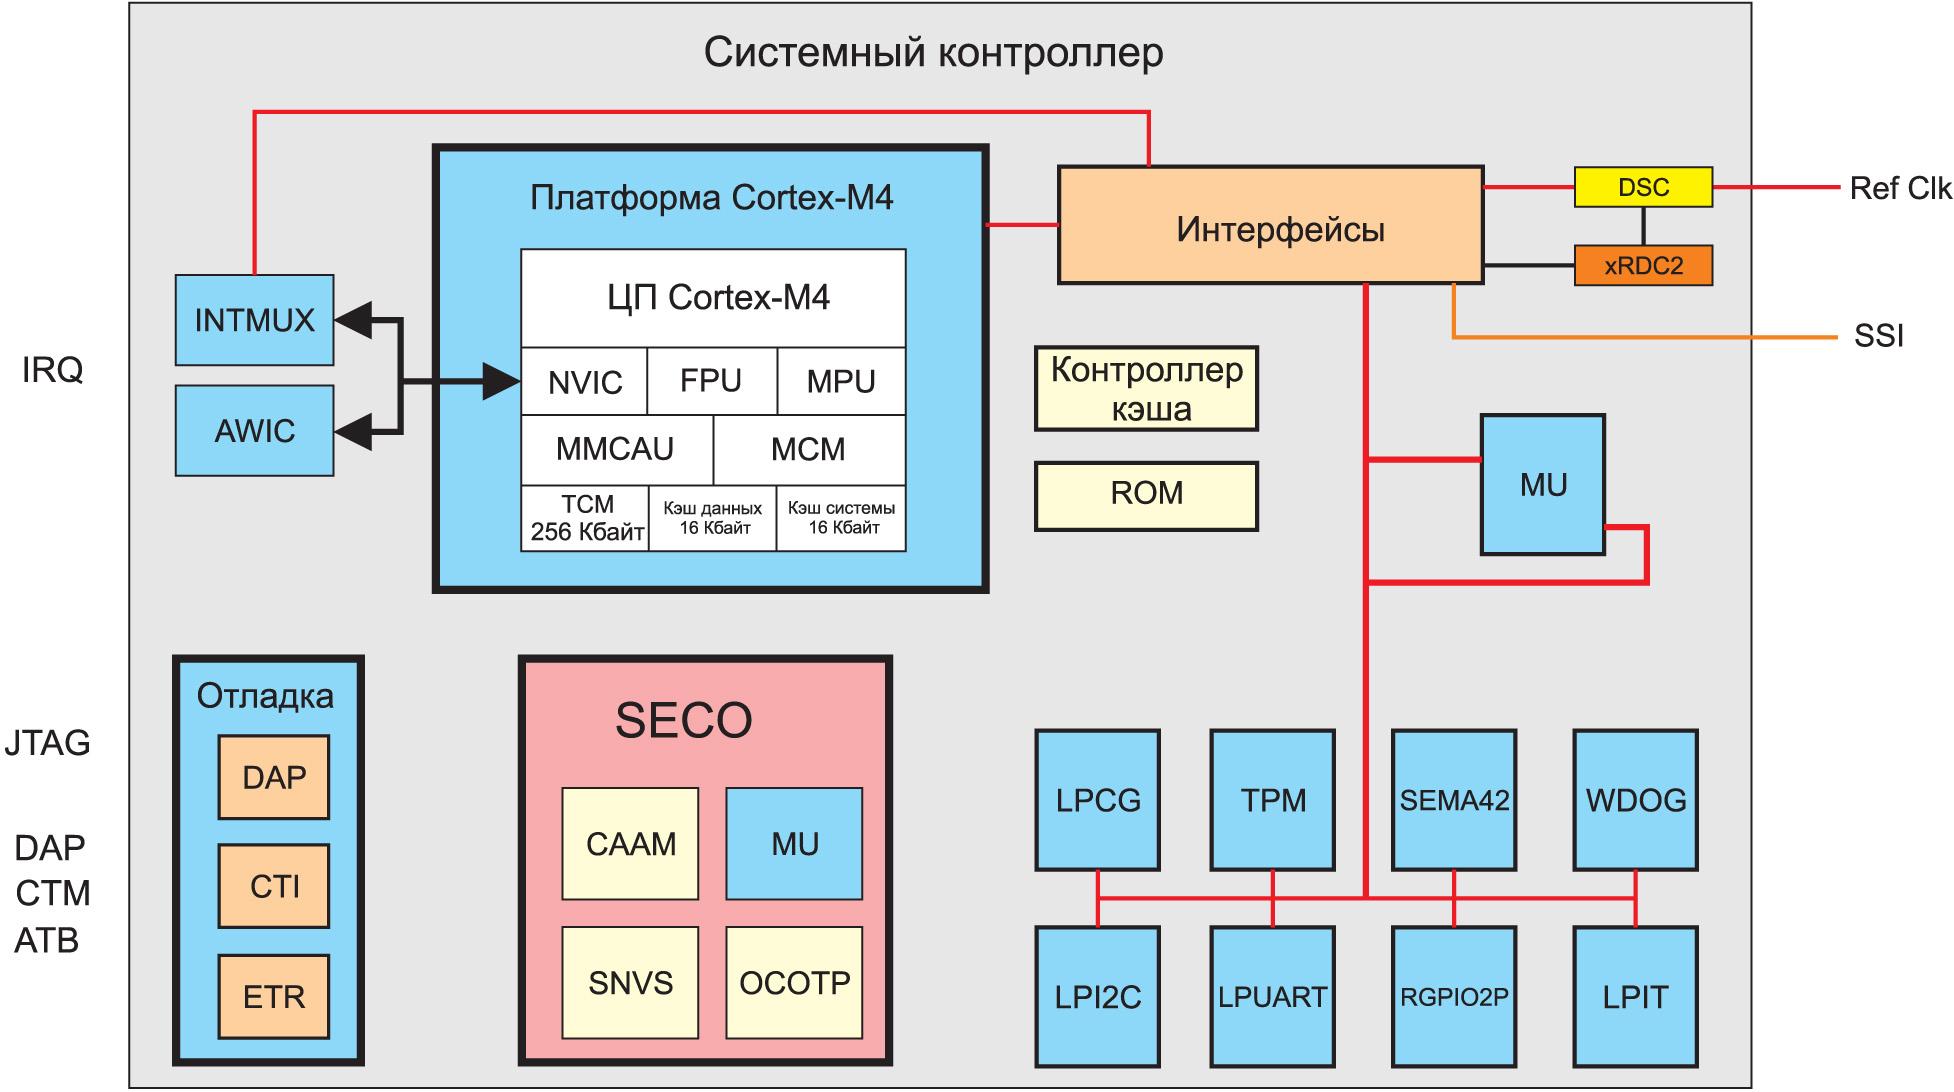 Структурная схема верхнего иерархического уровня контроллера SC